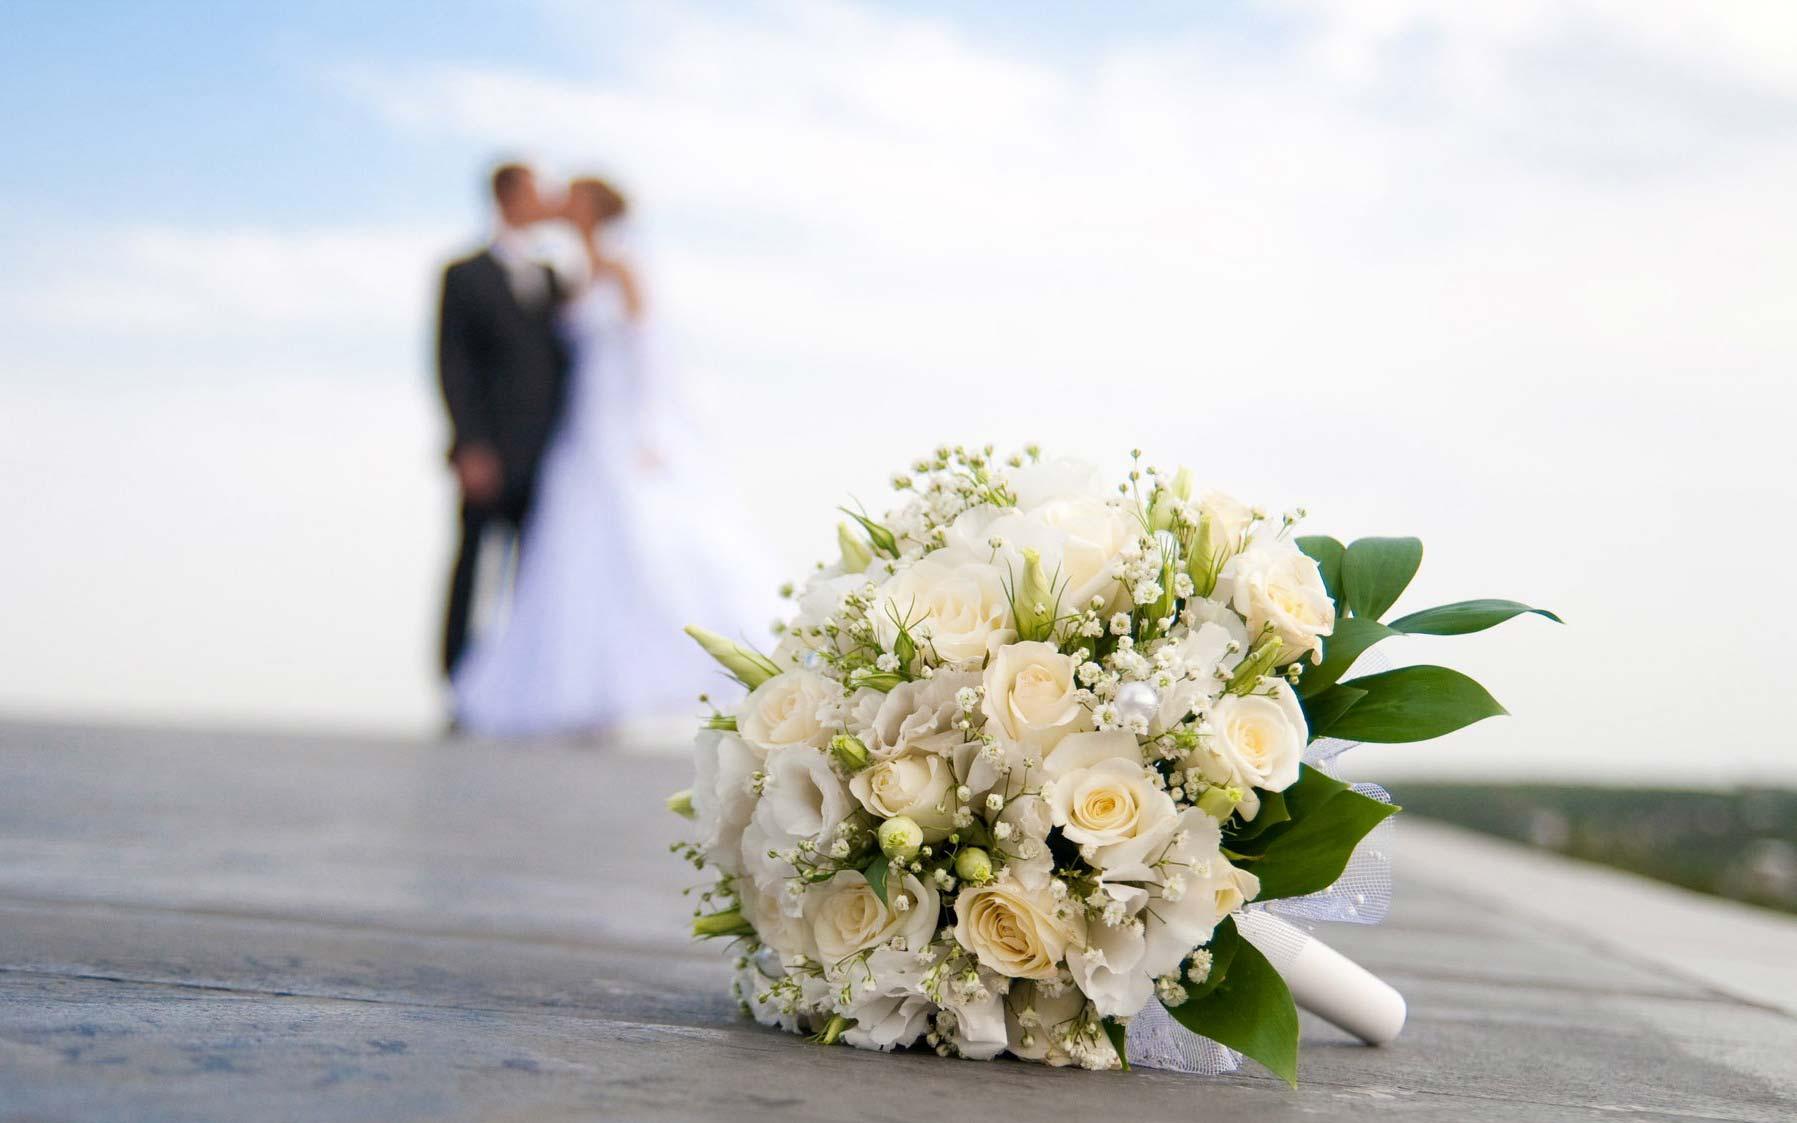 matrimonio 2016 quanto costa sposarsi investireoggiit